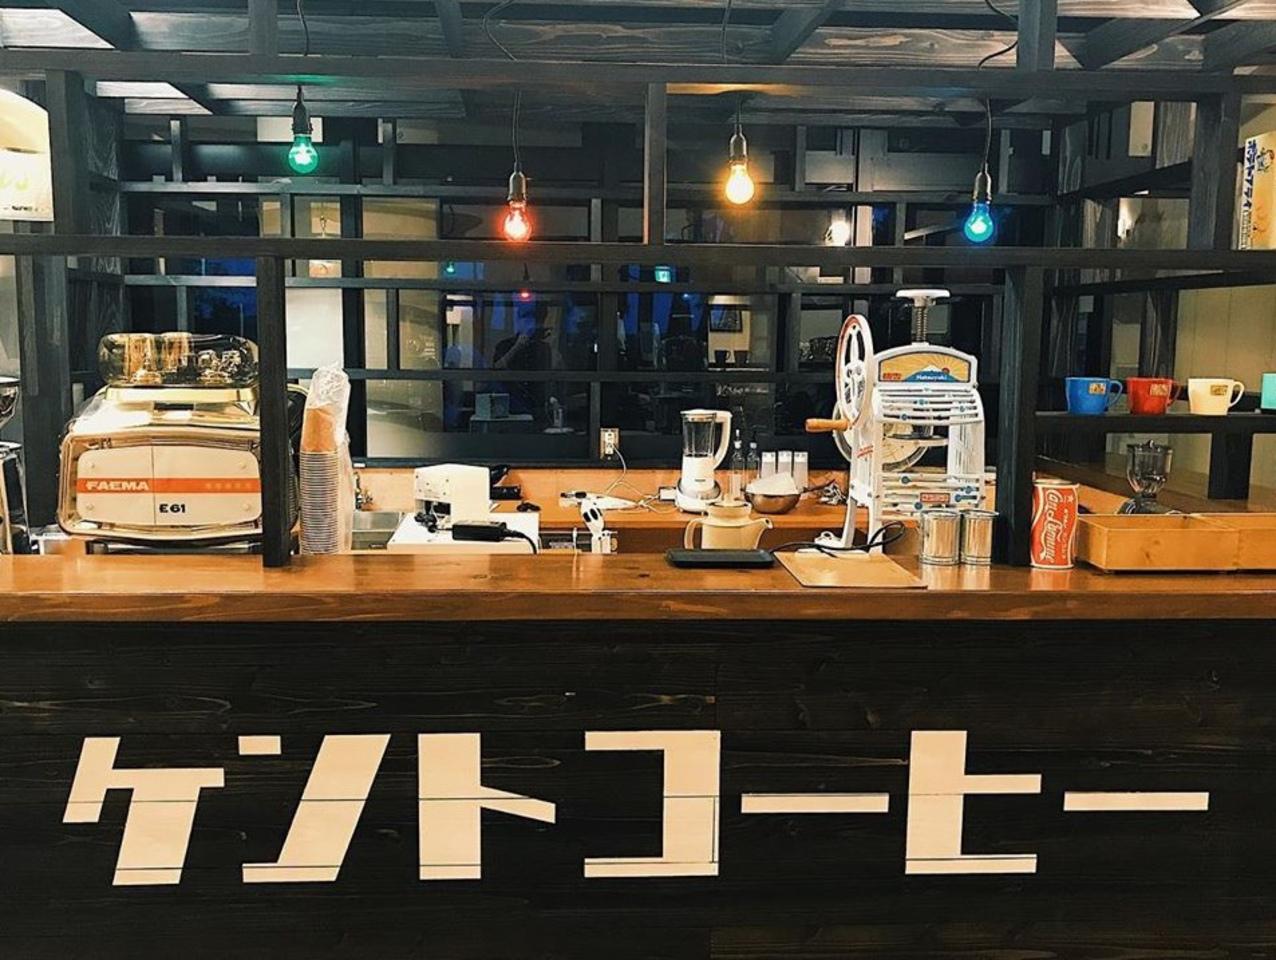 鹿児島の市来ふれあい温泉センター館内に「ケントコーヒー」がプレオープンされたようです。